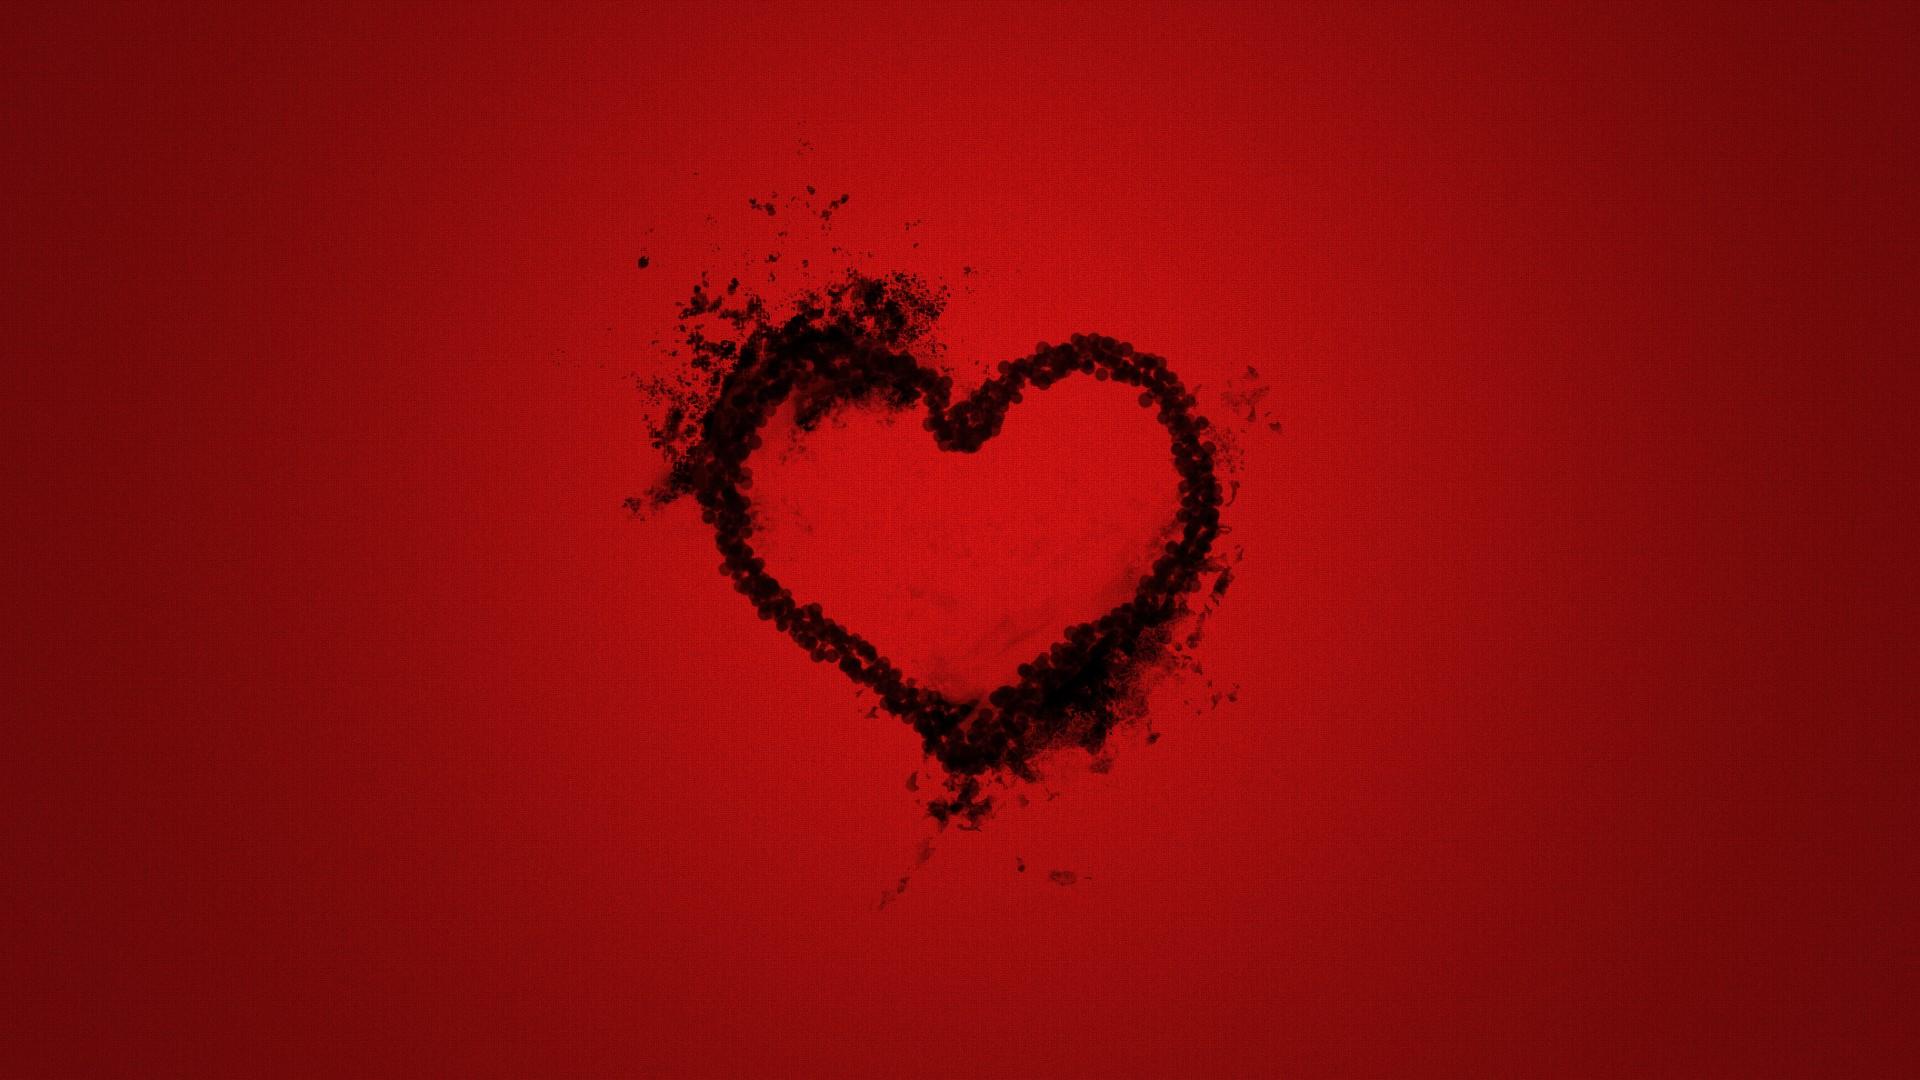 Wielka Love- bez końca.